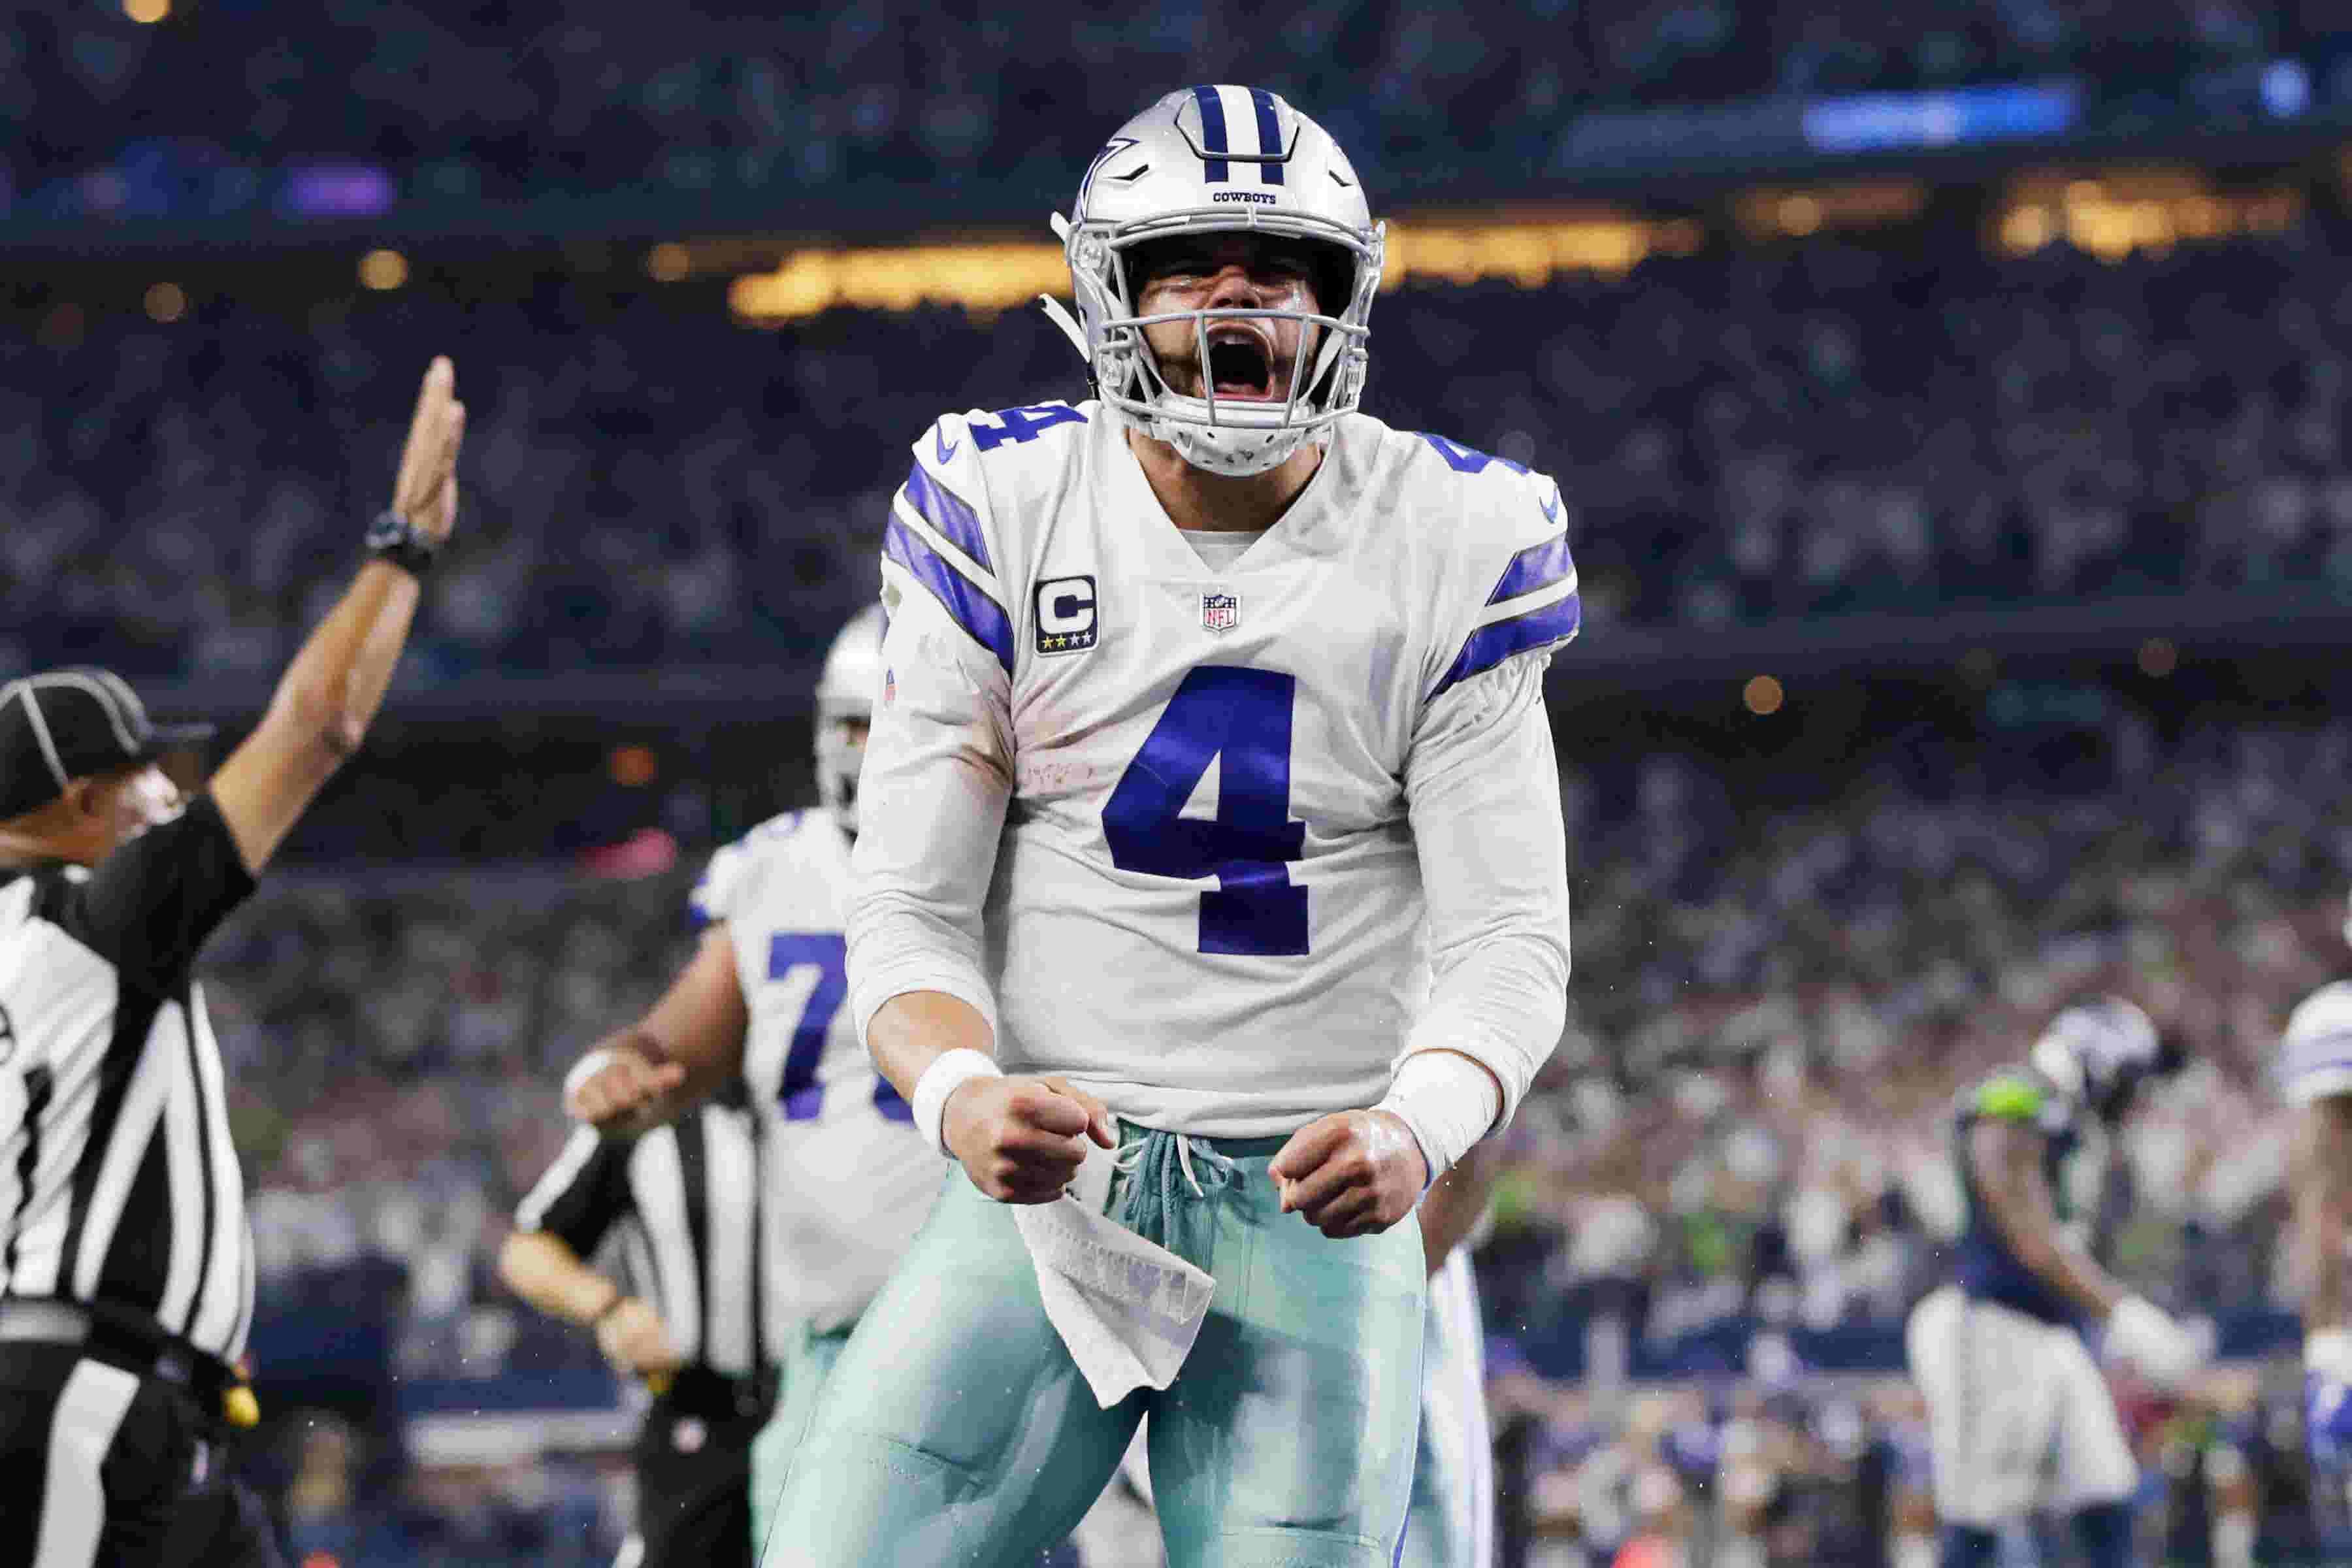 985b6f2aae0 Dallas Cowboys: Dak Prescott builds confidence for NFL playoff run